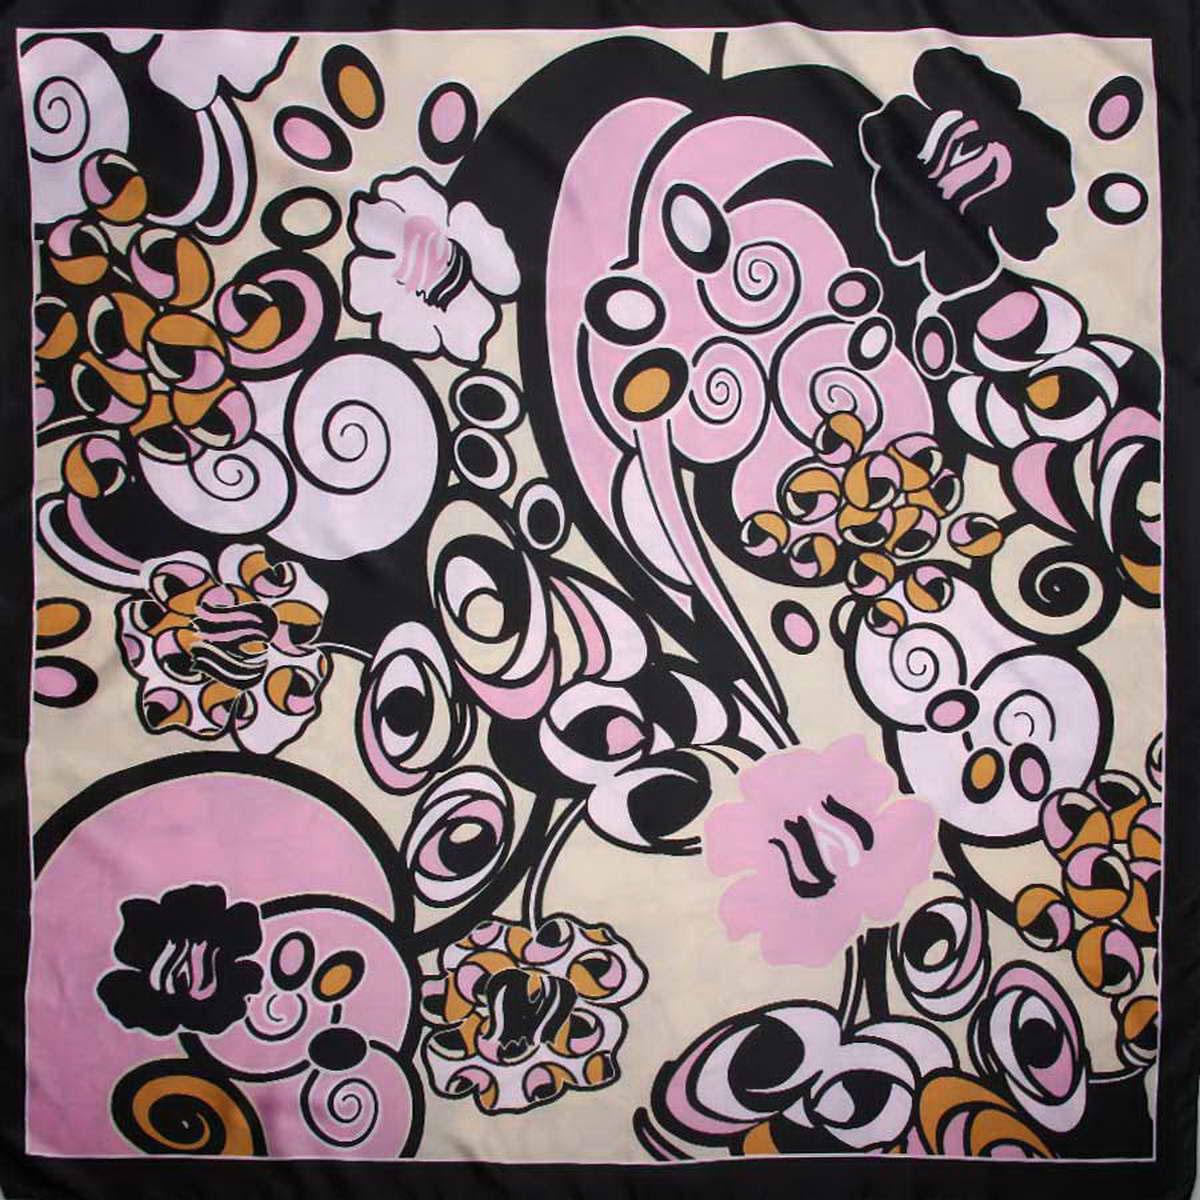 3915183-11Яркий женский платок Venera изготовлен из легкого и нежного полиэстера, станет глотком свежести и активности при любом вашем наряде. Сочетание цветов очень оригинальное и безупречное, а рисунки с геометрическими элементами создают эффект гипнотического поля, которое завораживает собою и дарит ощущение невероятного и космического. Такой платок станет неотъемлемым элементом вашего гардероба. Классическая квадратная форма позволяет носить платок на шее, украшать им прическу или декорировать сумочку. Платок Venera превосходно дополнит любой наряд и подчеркнет ваш неповторимый вкус и элегантность.